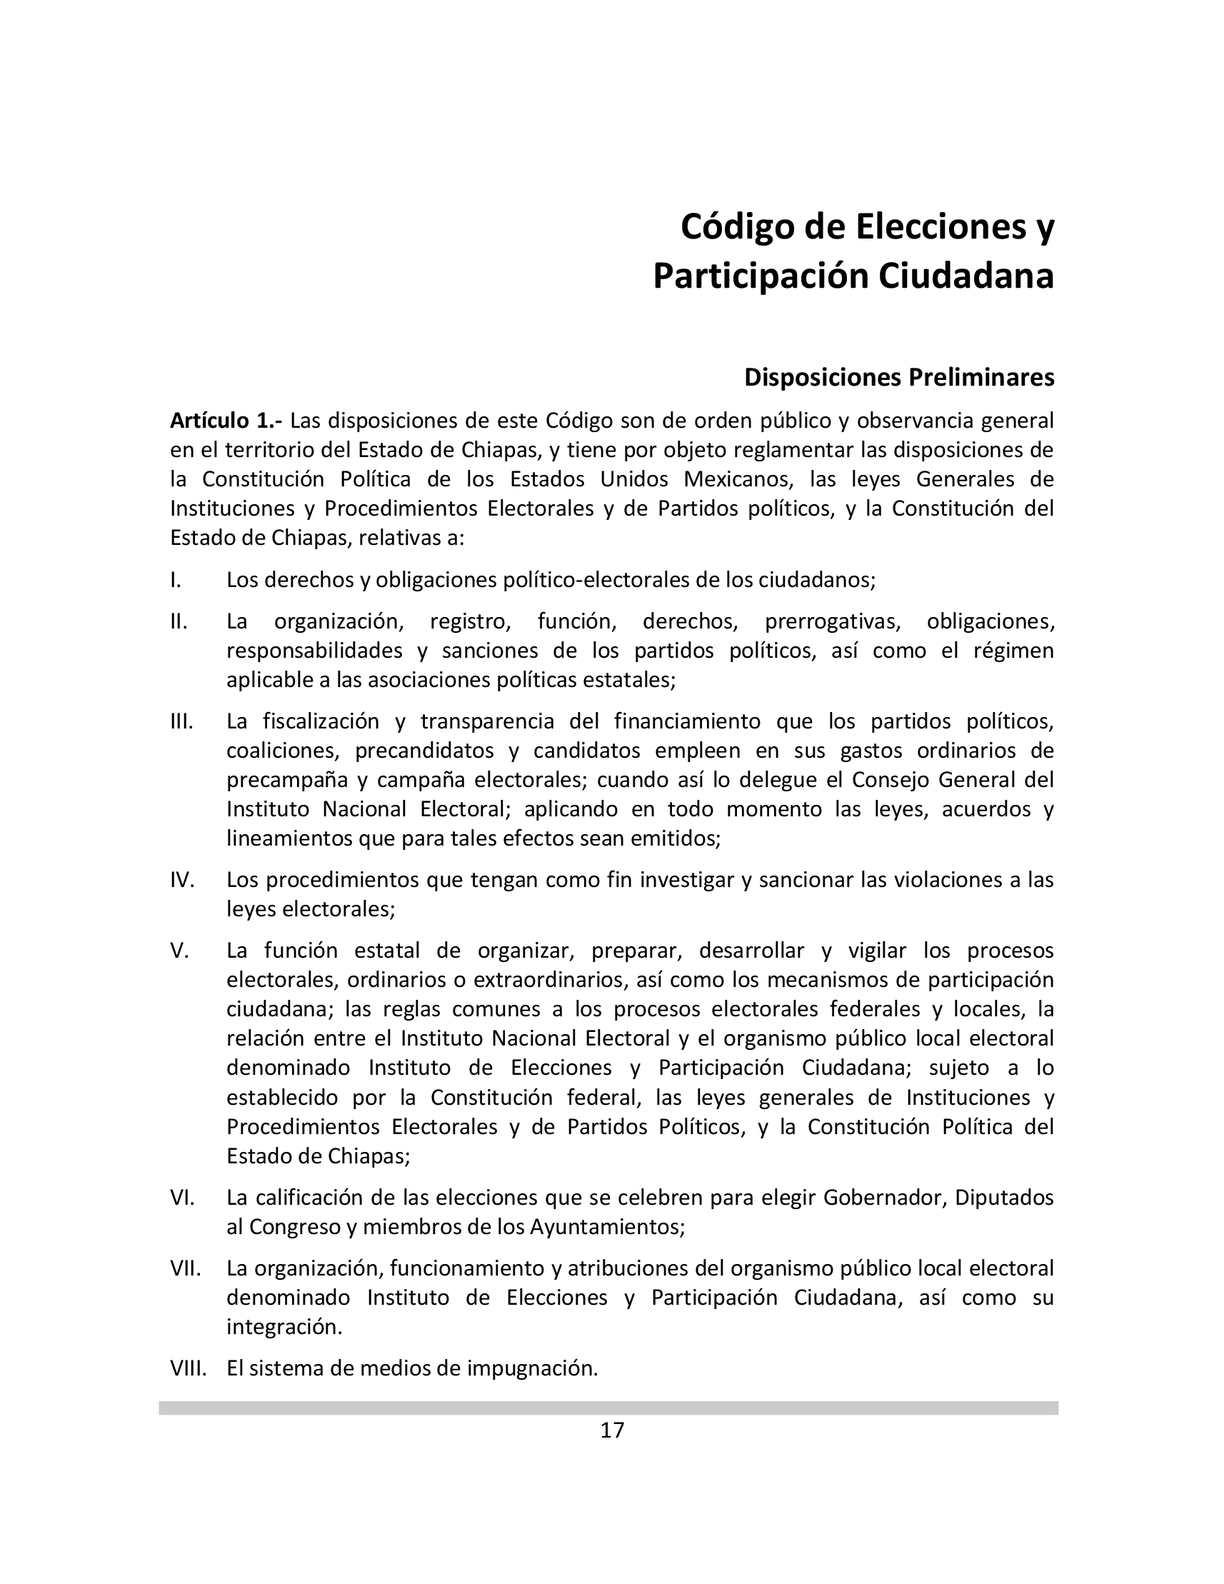 Calaméo - CÓDIGO DE ELECCIONES Y PARTICIPACIÓN CIUDADANA